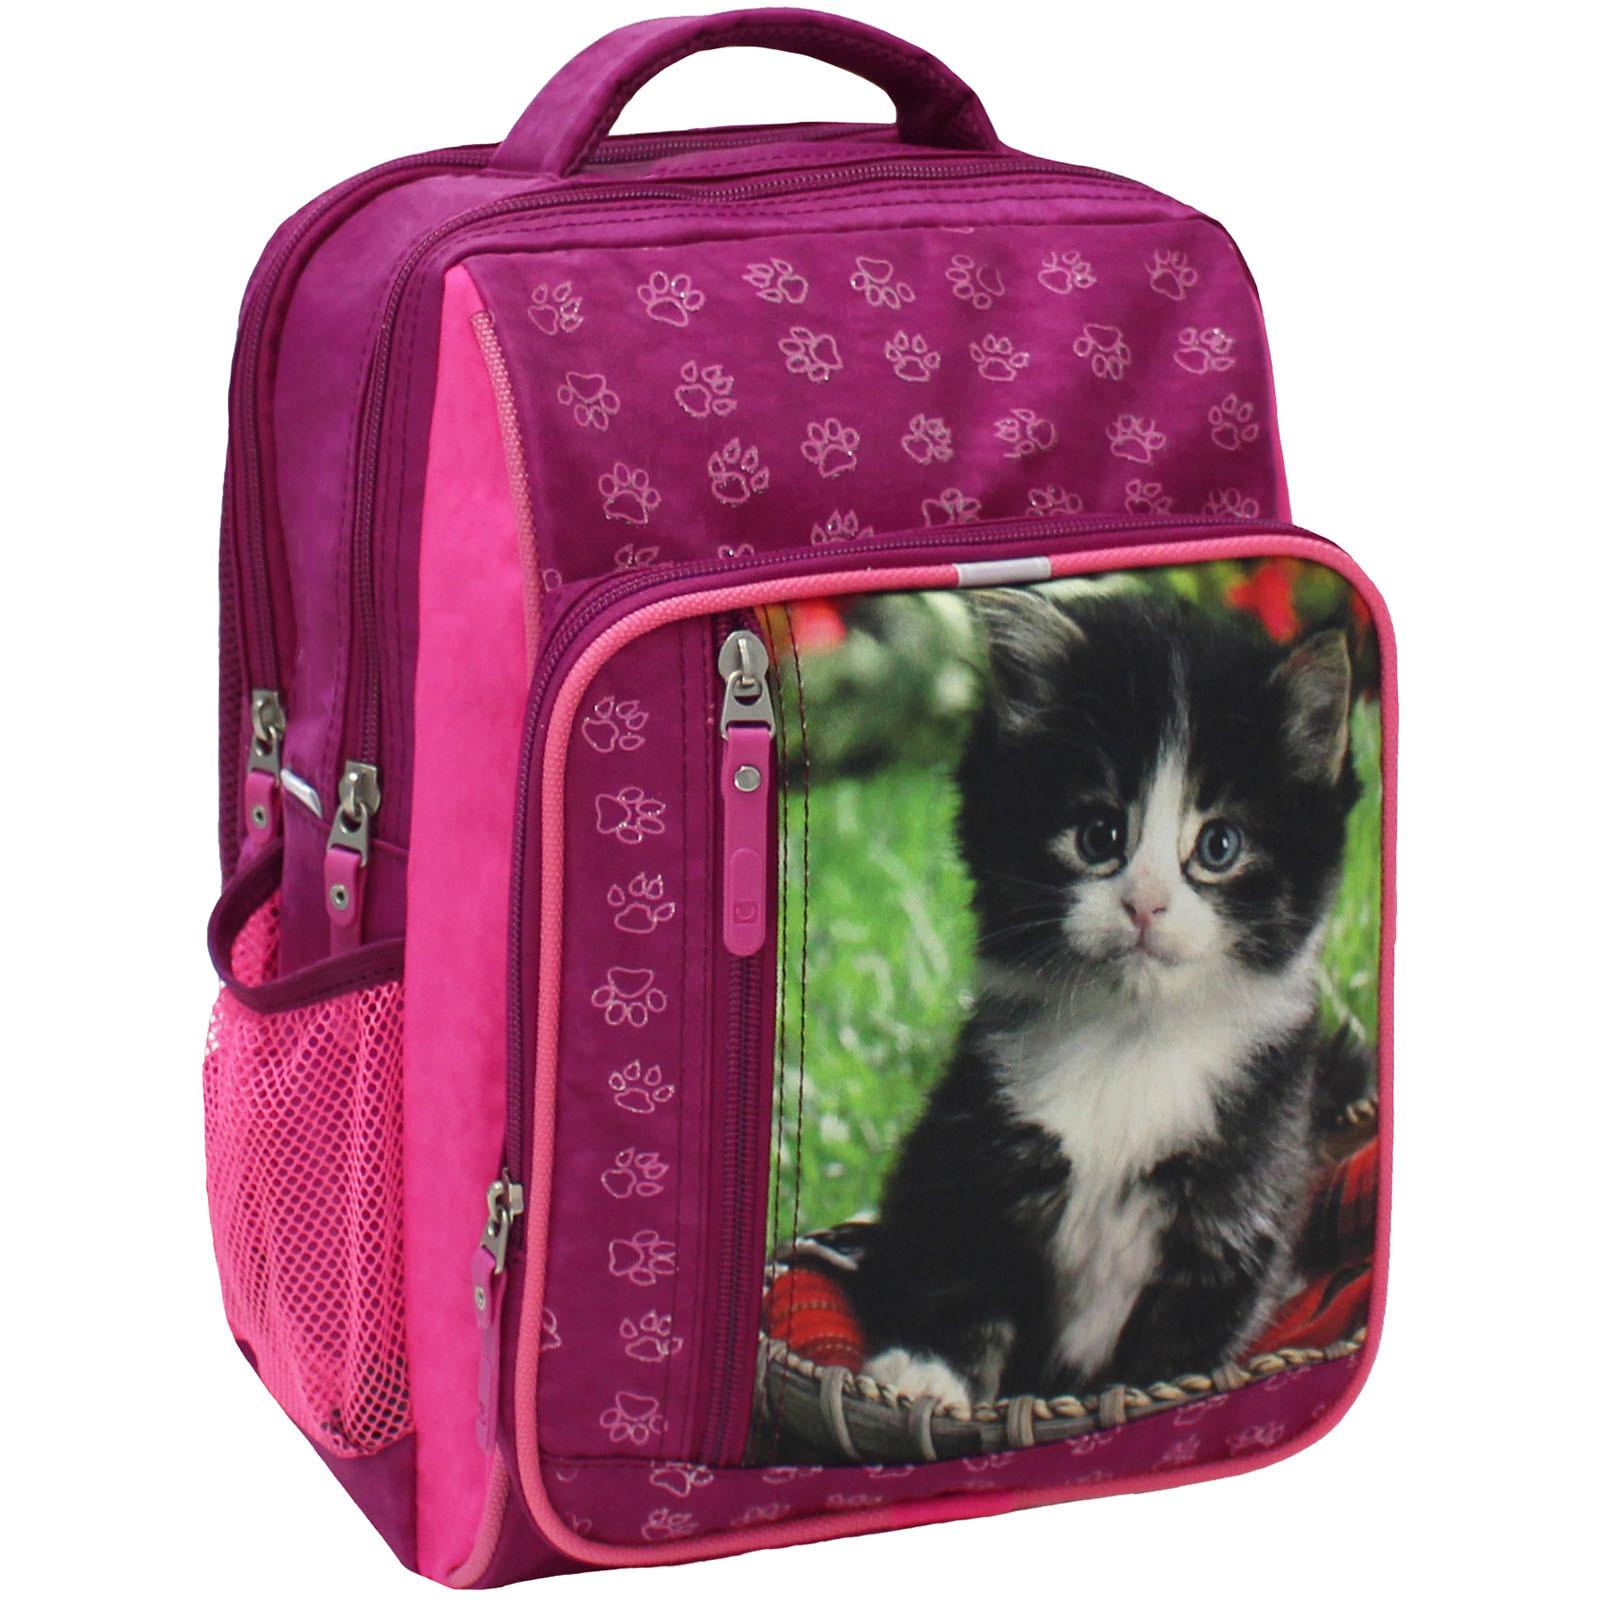 Школьные рюкзаки Рюкзак школьный Bagland Школьник 8 л. 143 малиновый 59д (0012870) IMG_5223.JPG